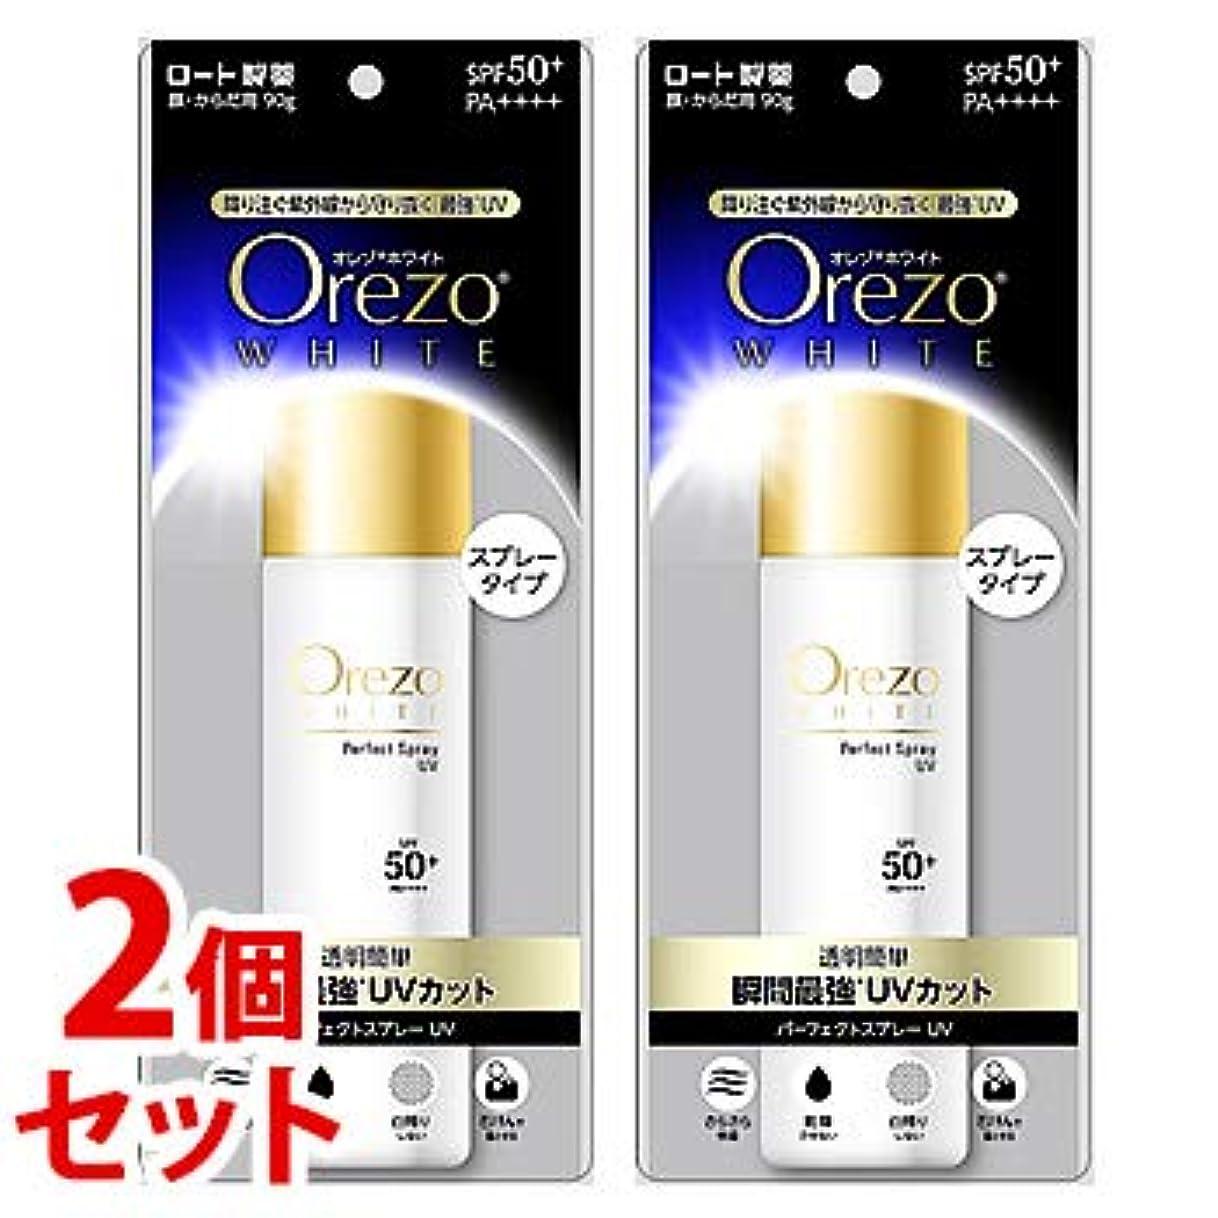 魂冊子申し立て《セット販売》 ロート製薬 Orezo オレゾ ホワイト パーフェクトスプレーUV SPF50+ PA++++ (90g)×2個セット 顔?からだ用 日やけ止め スプレータイプ